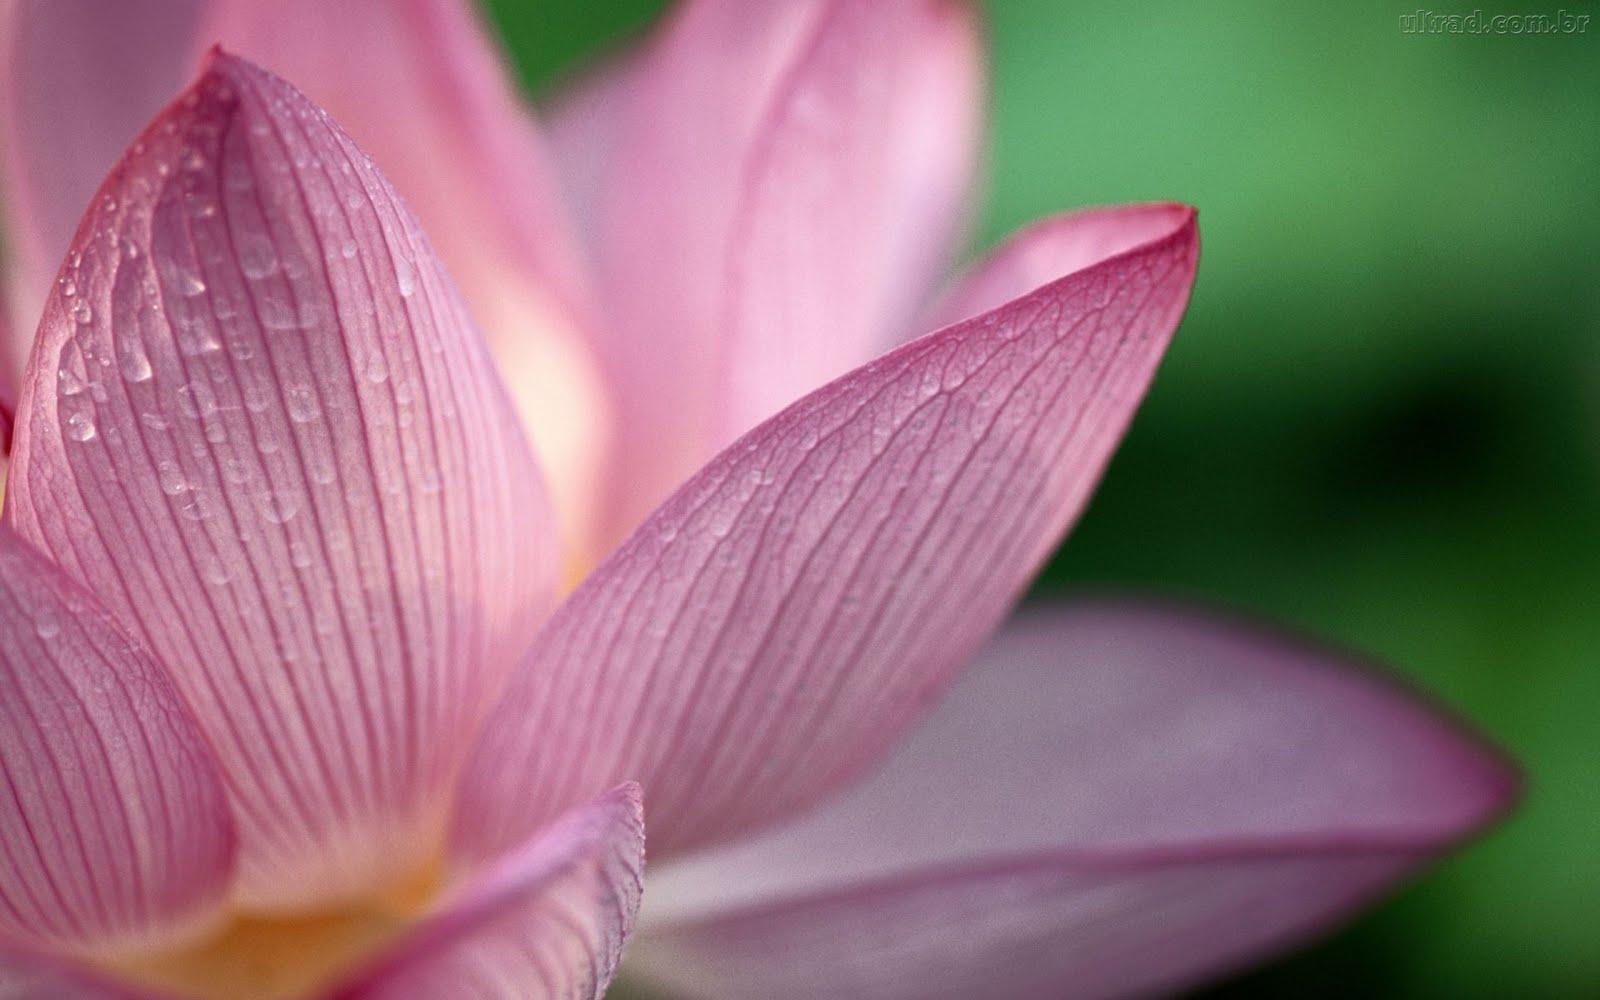 http://4.bp.blogspot.com/_7I4hdUn2tME/S7EG8-HBQBI/AAAAAAAAAVQ/xRrMl0ZiQsA/s1600/67997_Papel-de-Parede-Flor-de-Lotus--67997_1920x1200.jpg